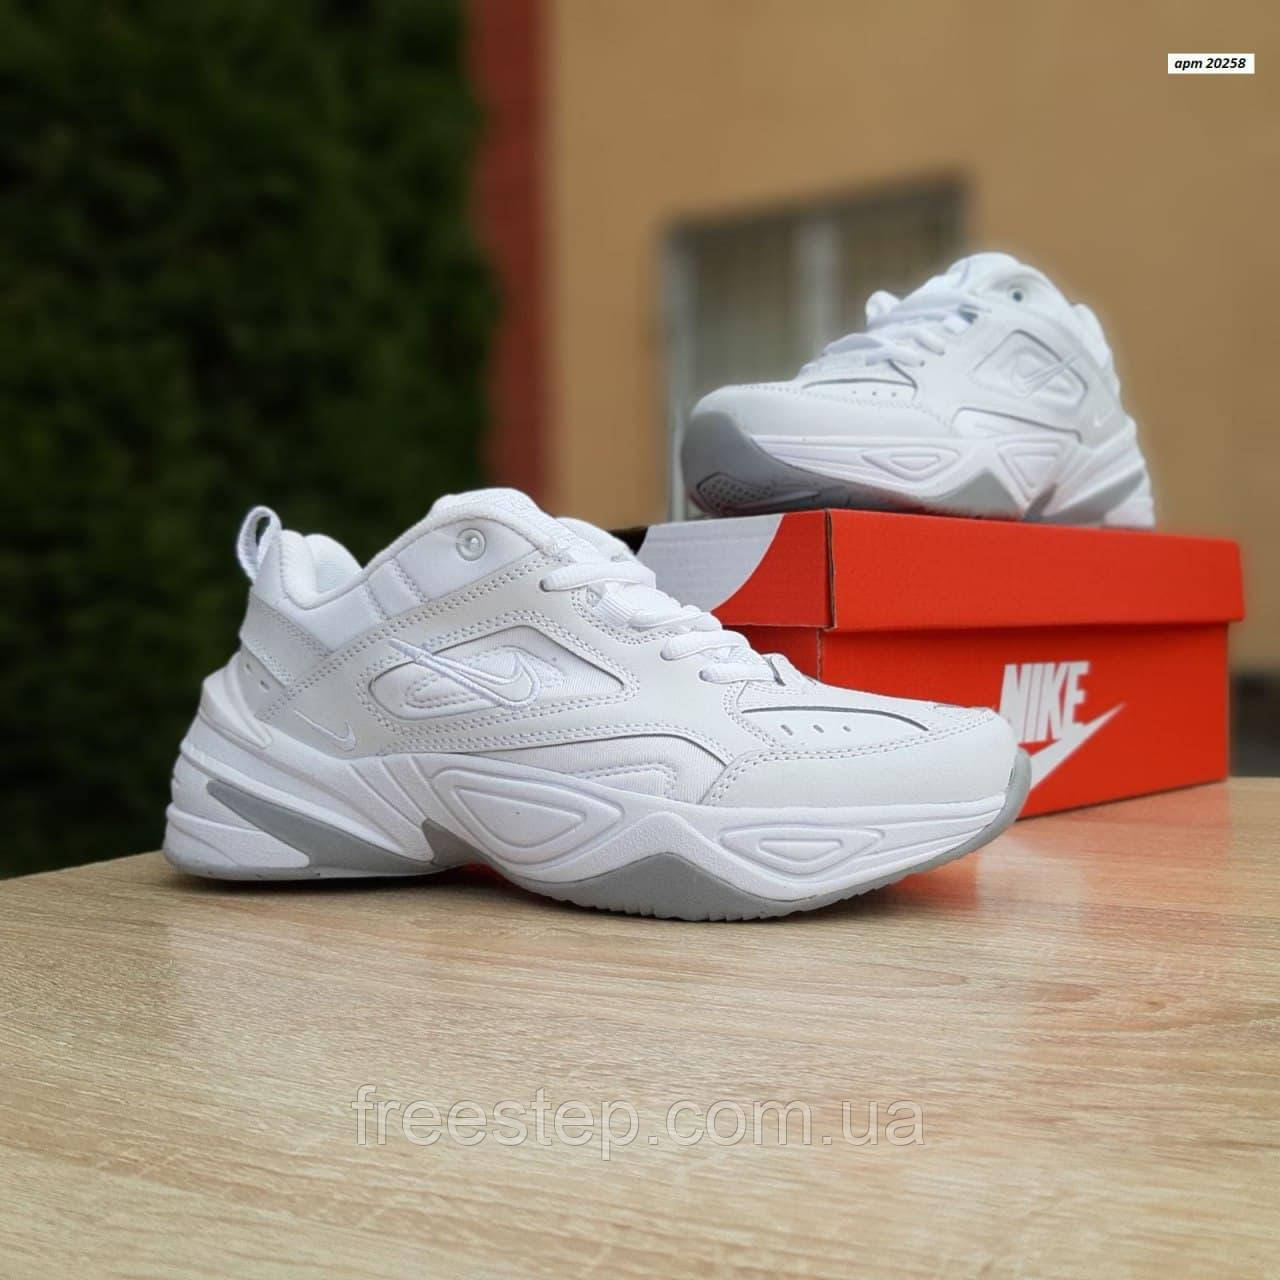 Жіночі кросівки в стилі Nike M2K Tekno білі